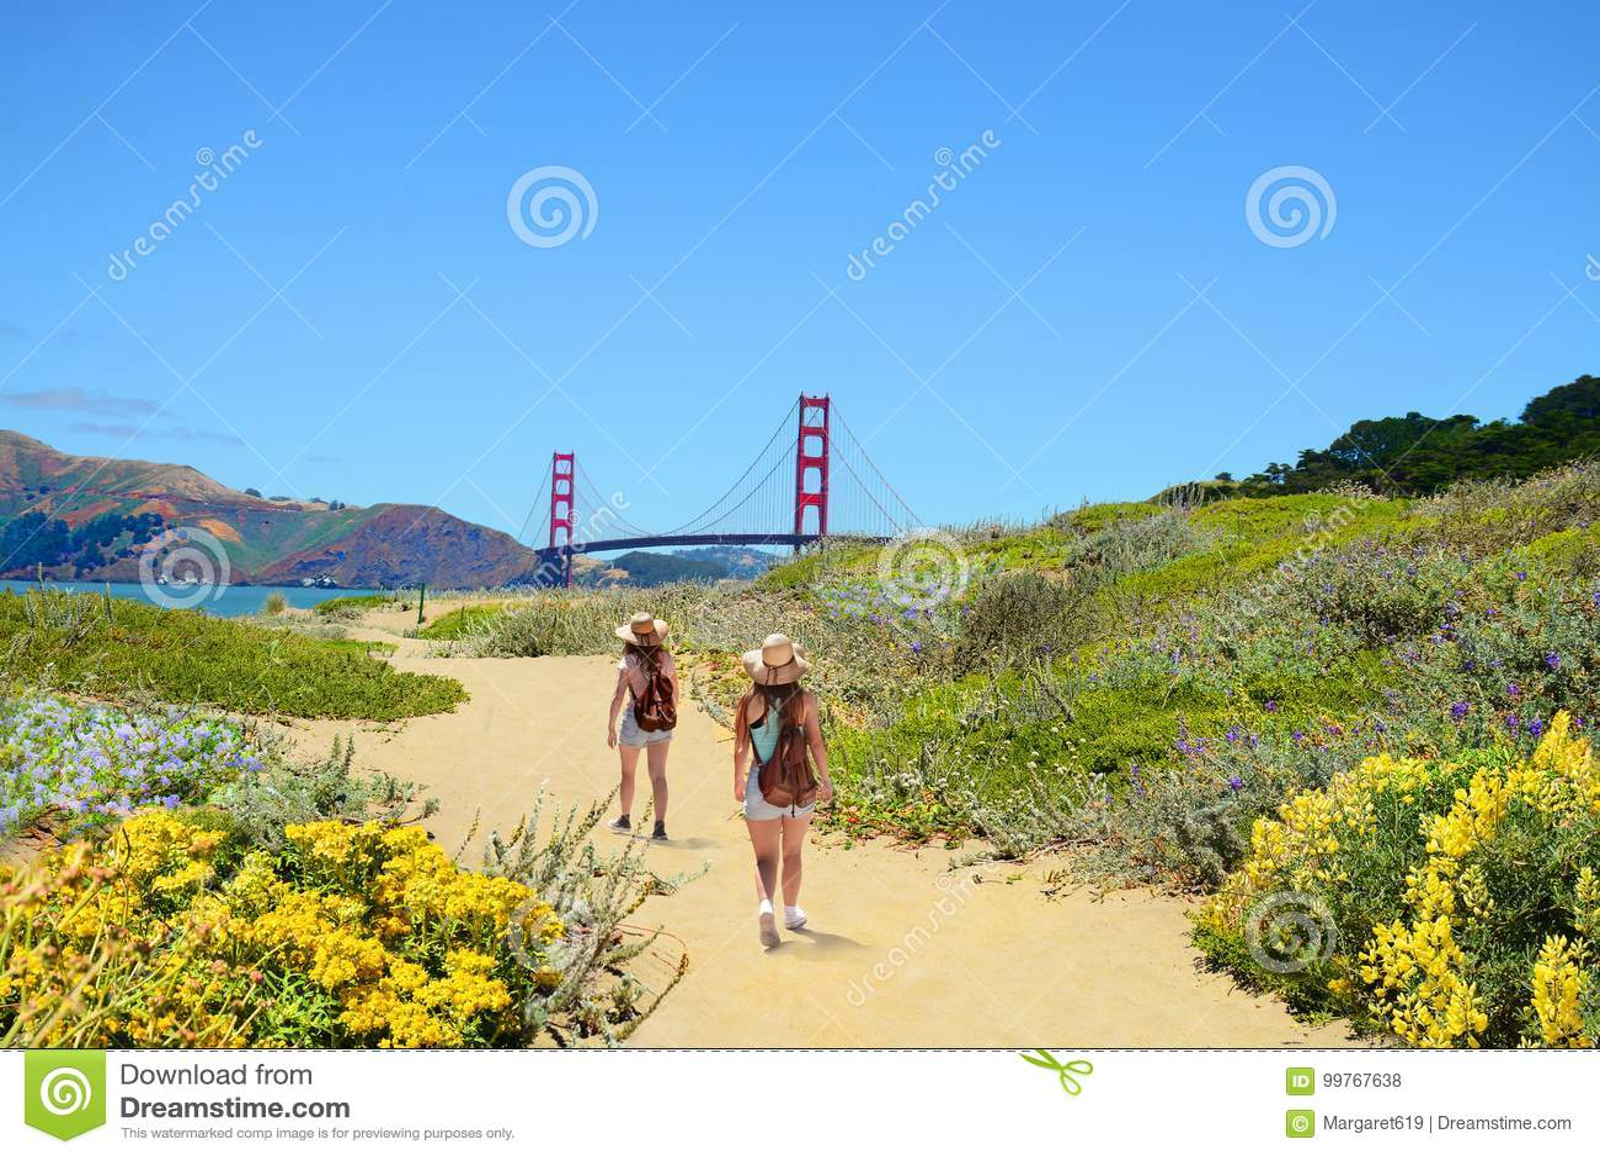 Família em uma viagem de caminhada que aprecia a paisagem litoral bonita